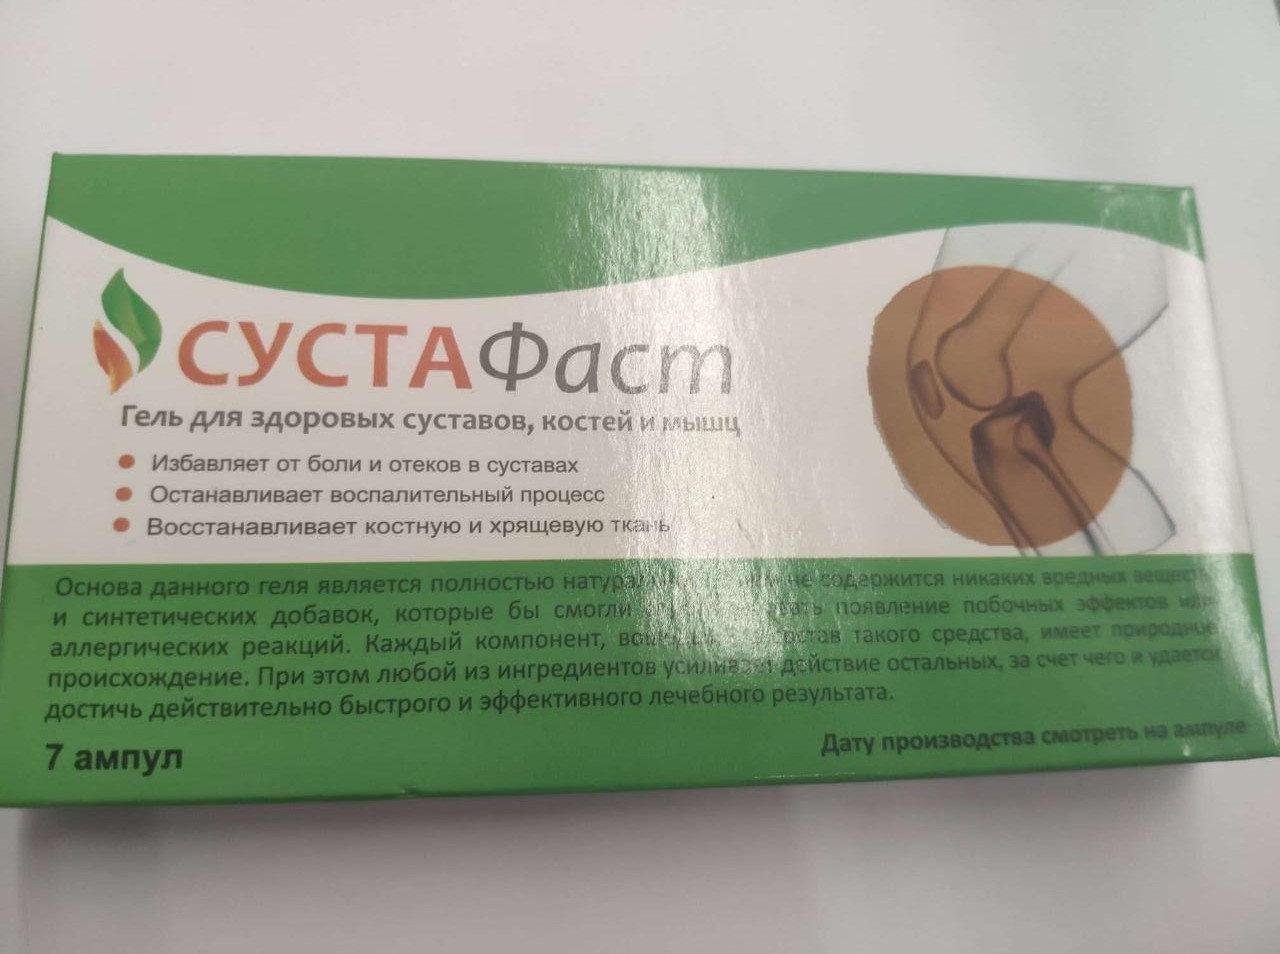 СустаФаст АМПУЛЫ - Гель для здоровья суставов, костей и мышц ViP